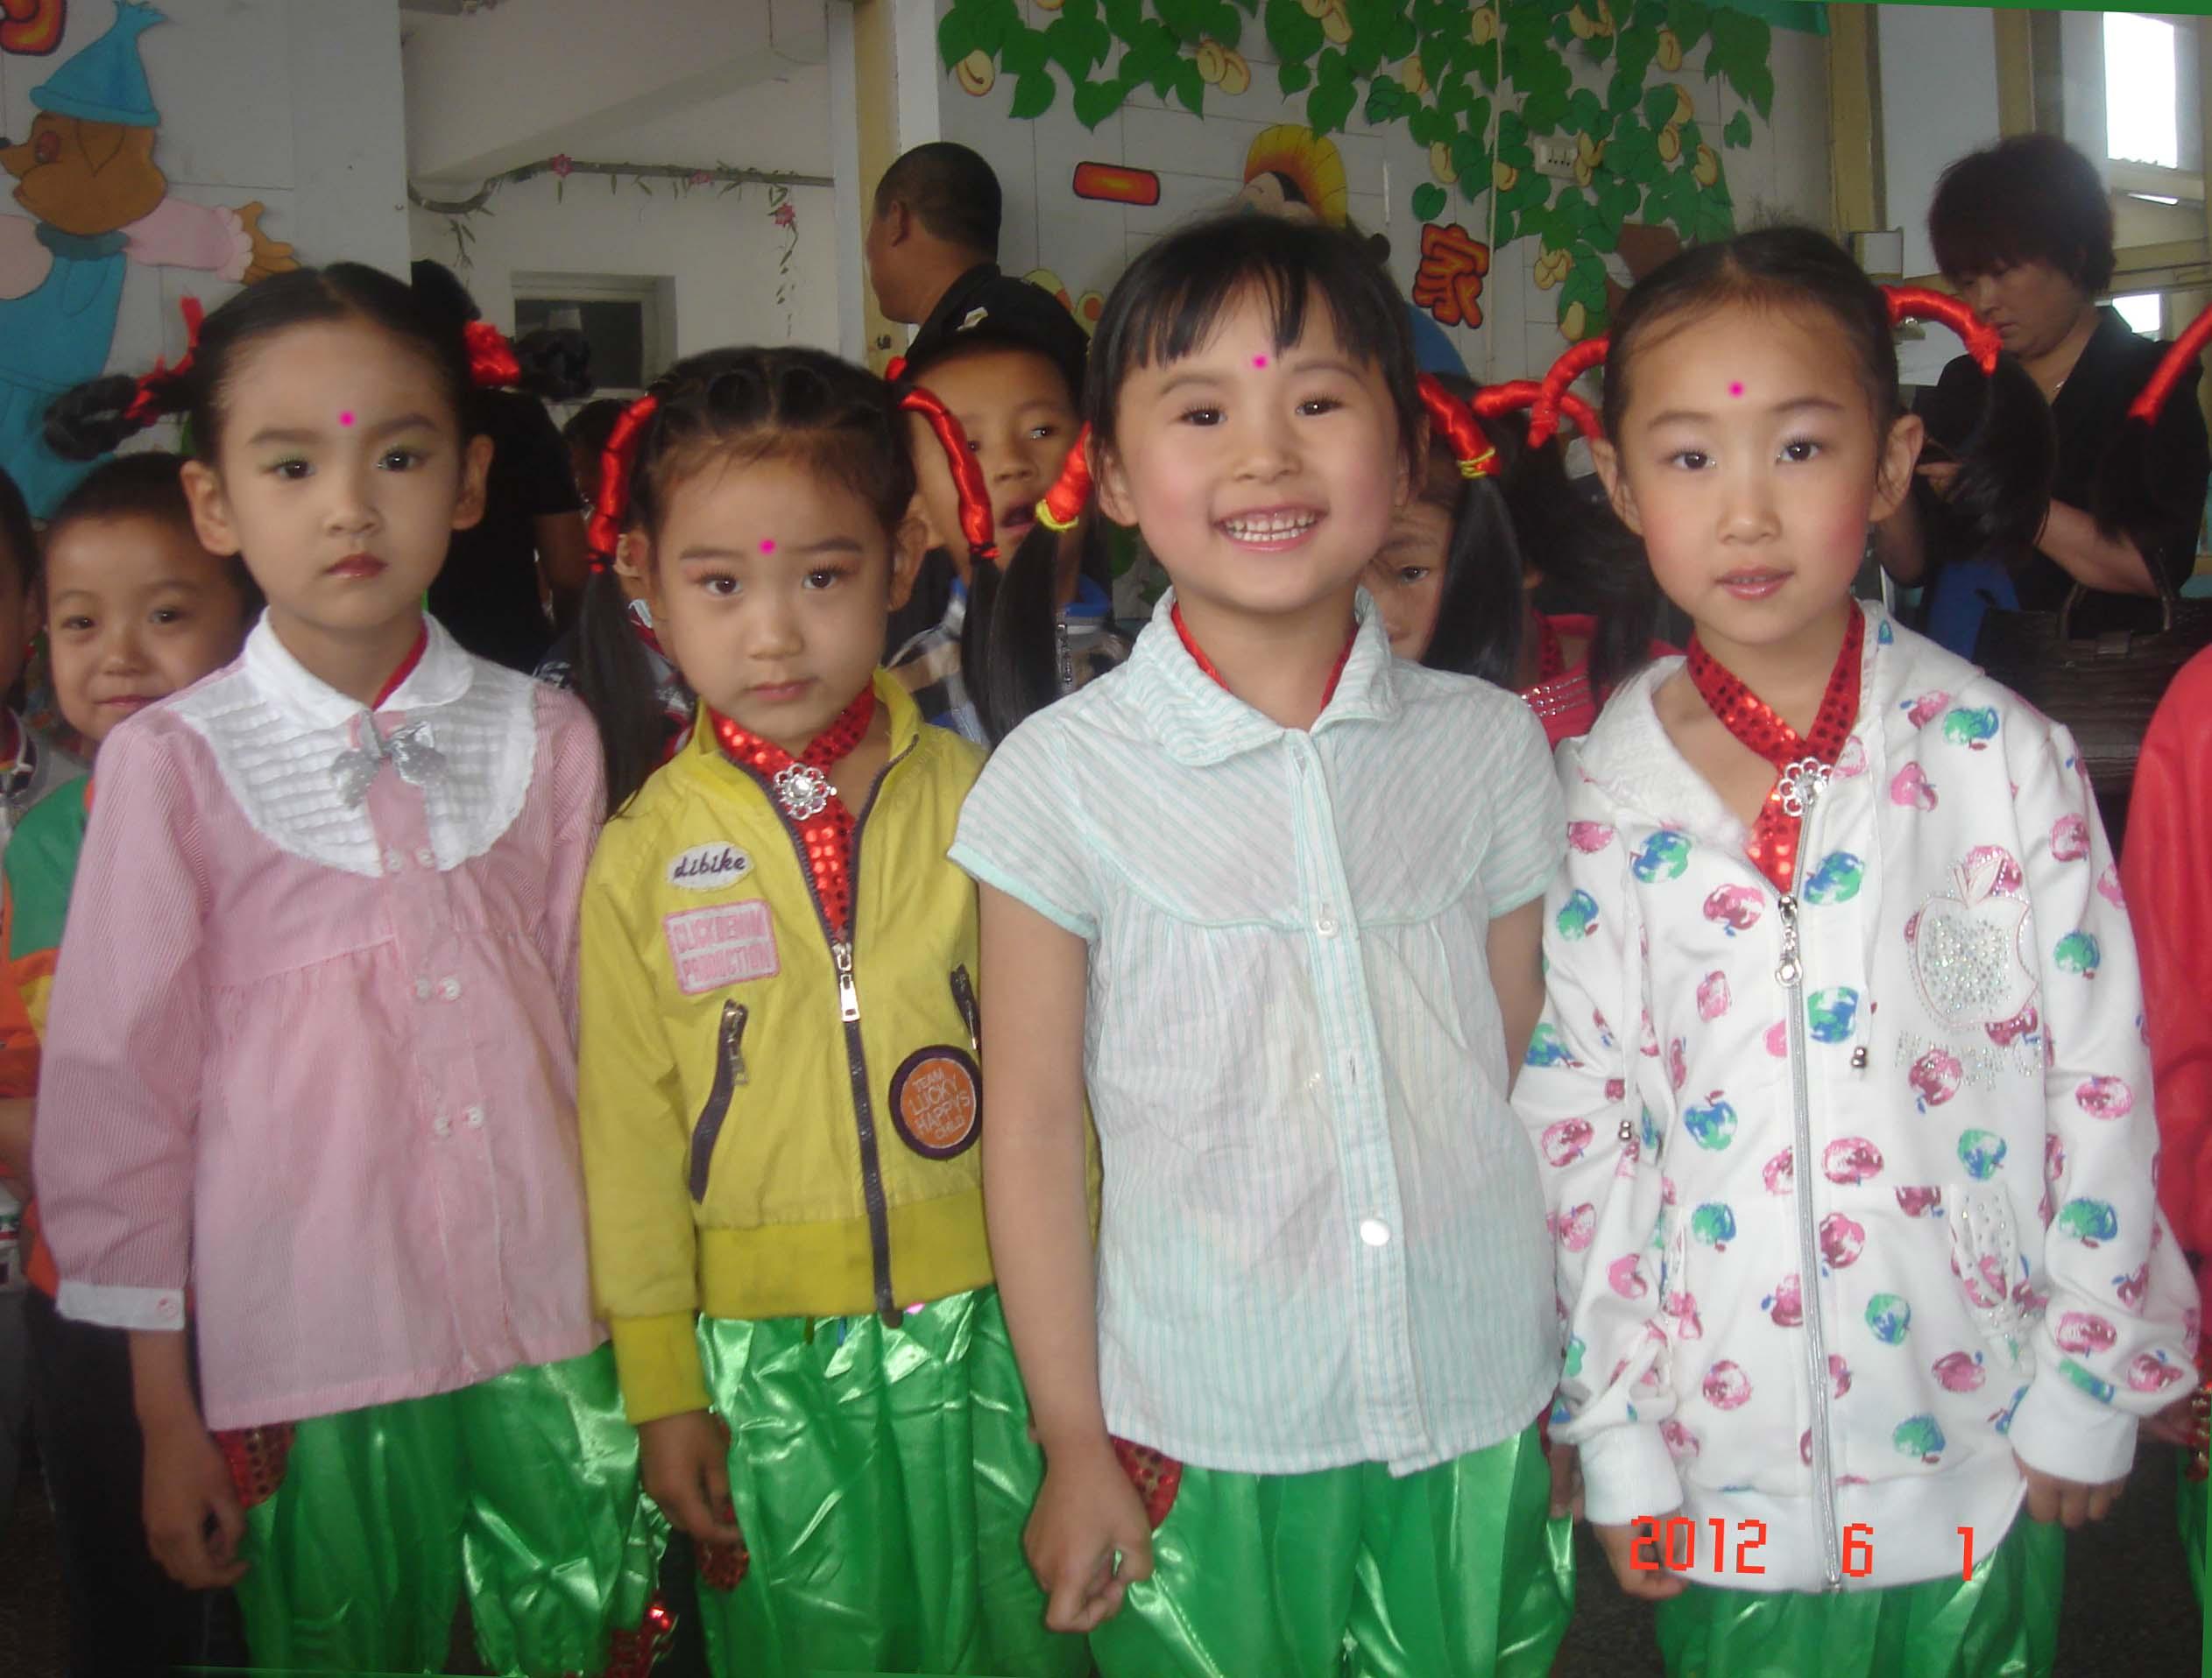 盂县新世纪幼儿园图